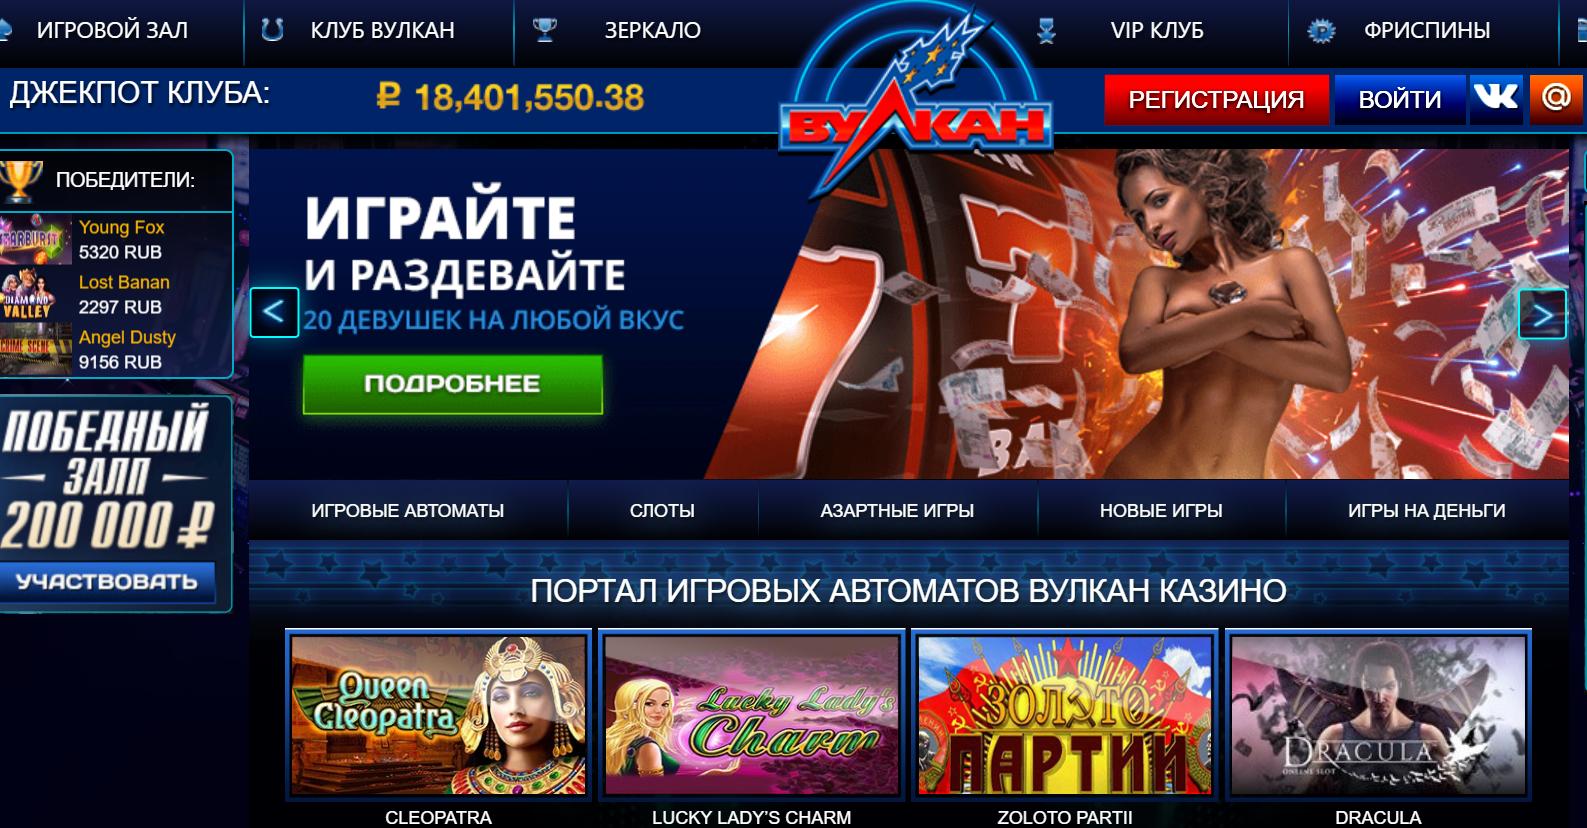 Общие положения онлайн-казино Вулкан